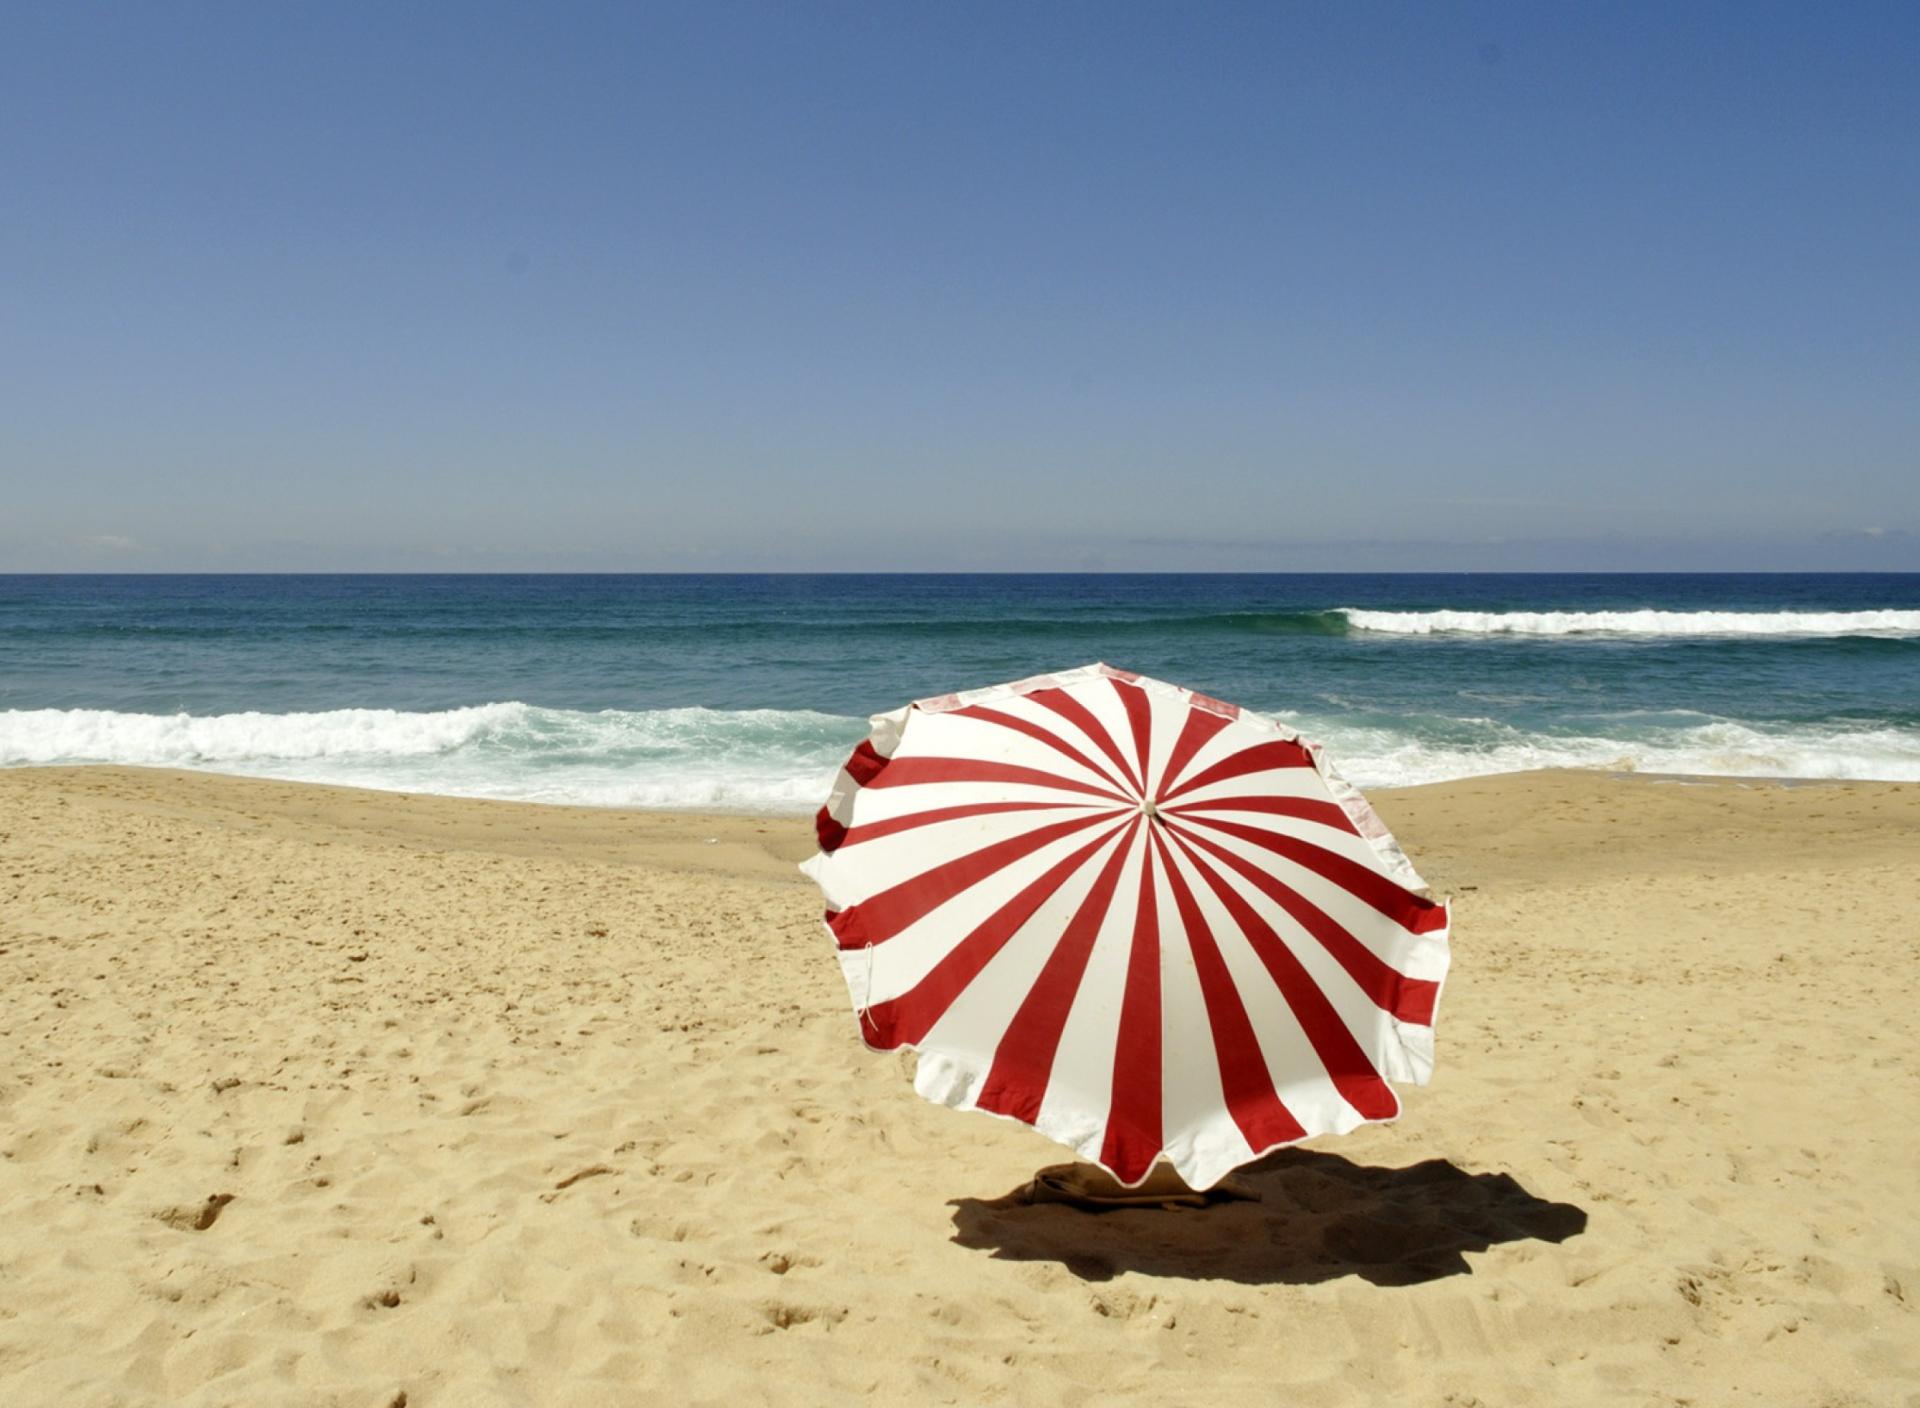 Пляж с желтыми зонтами  № 1497391 бесплатно